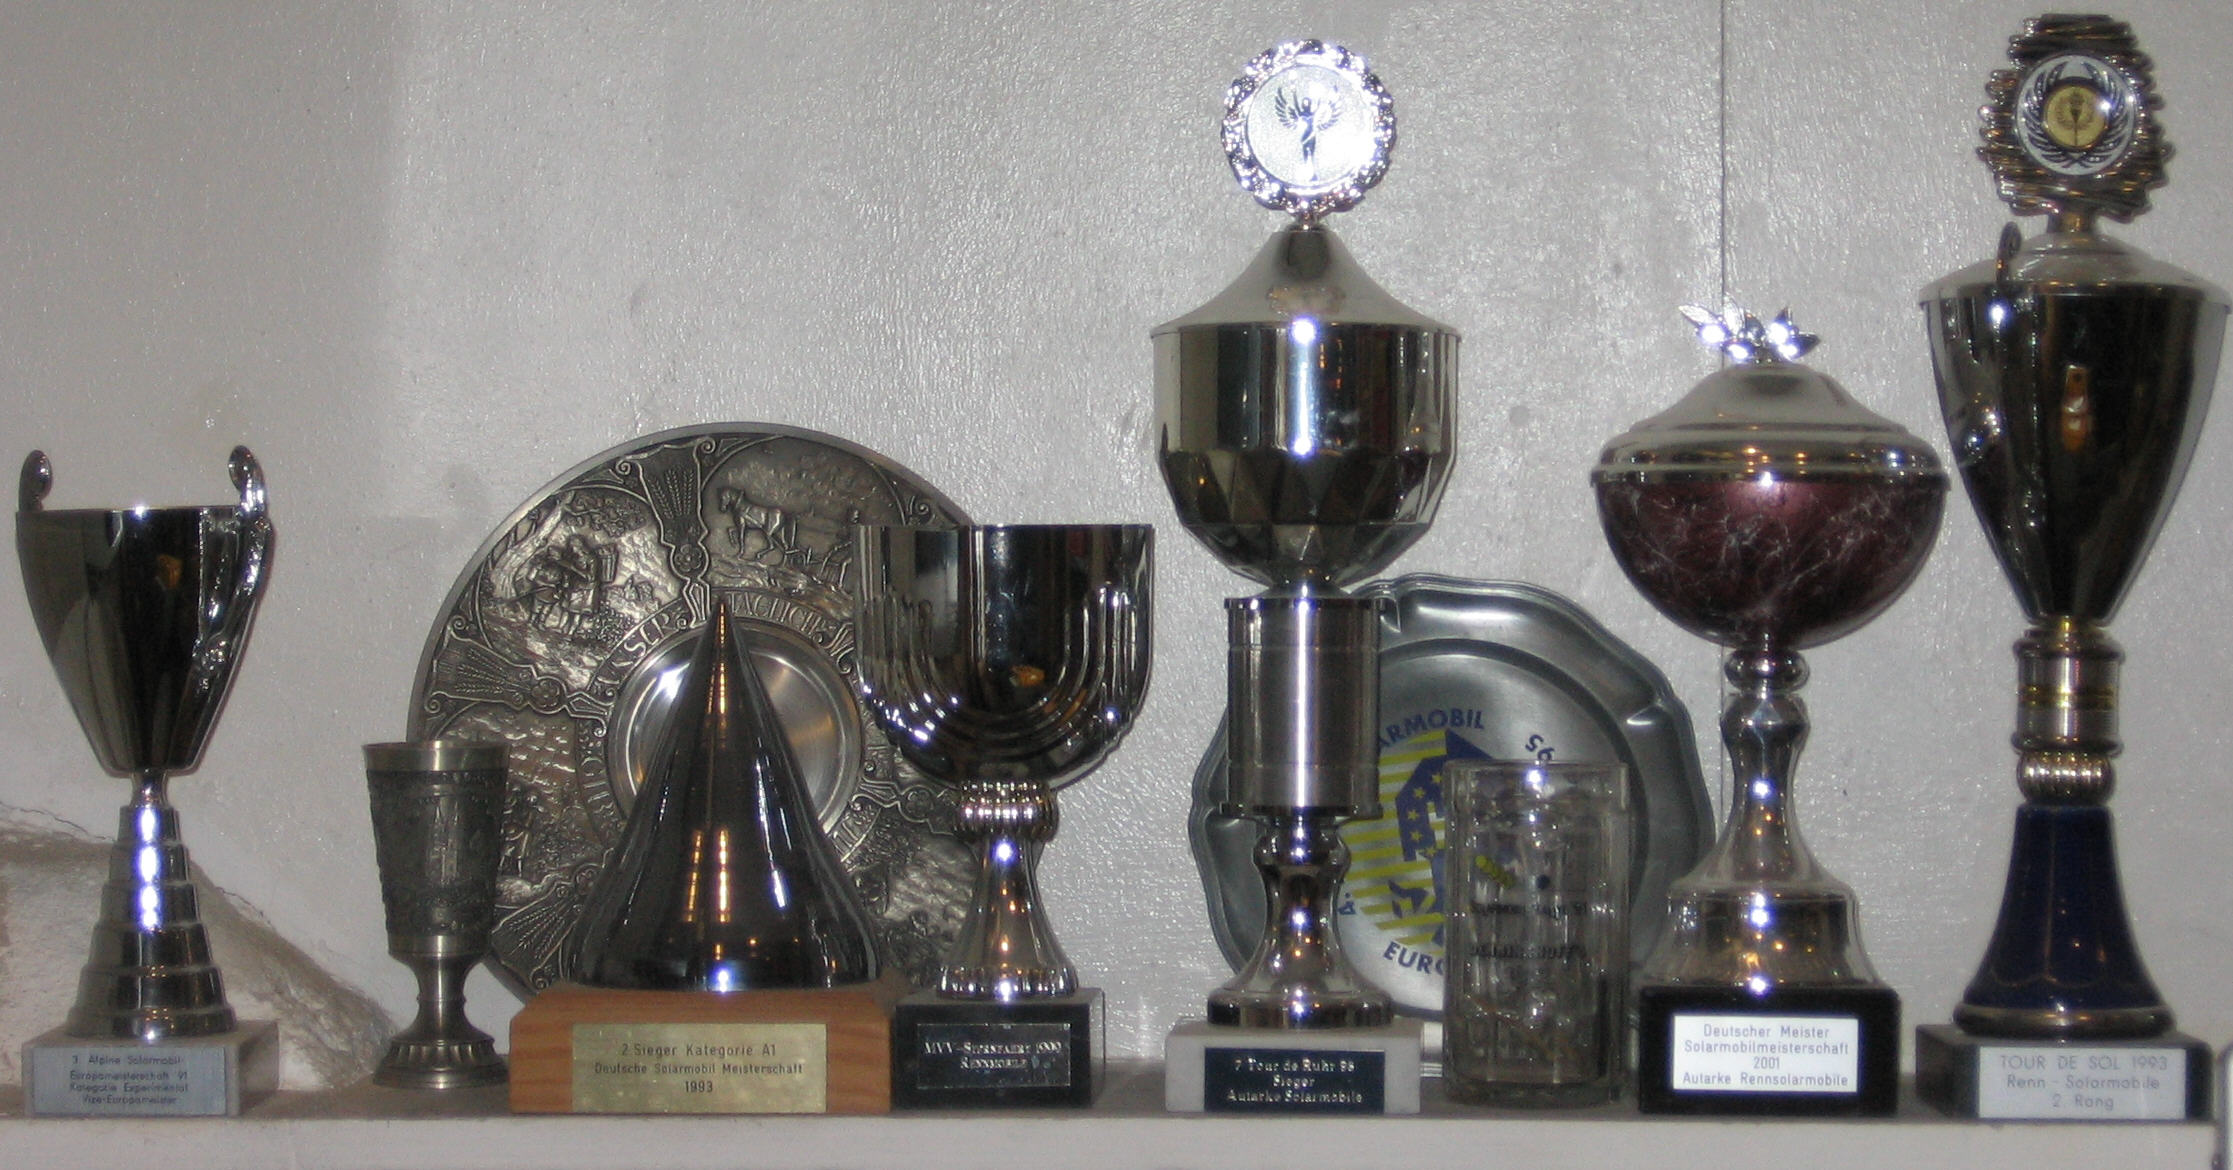 Pokale I